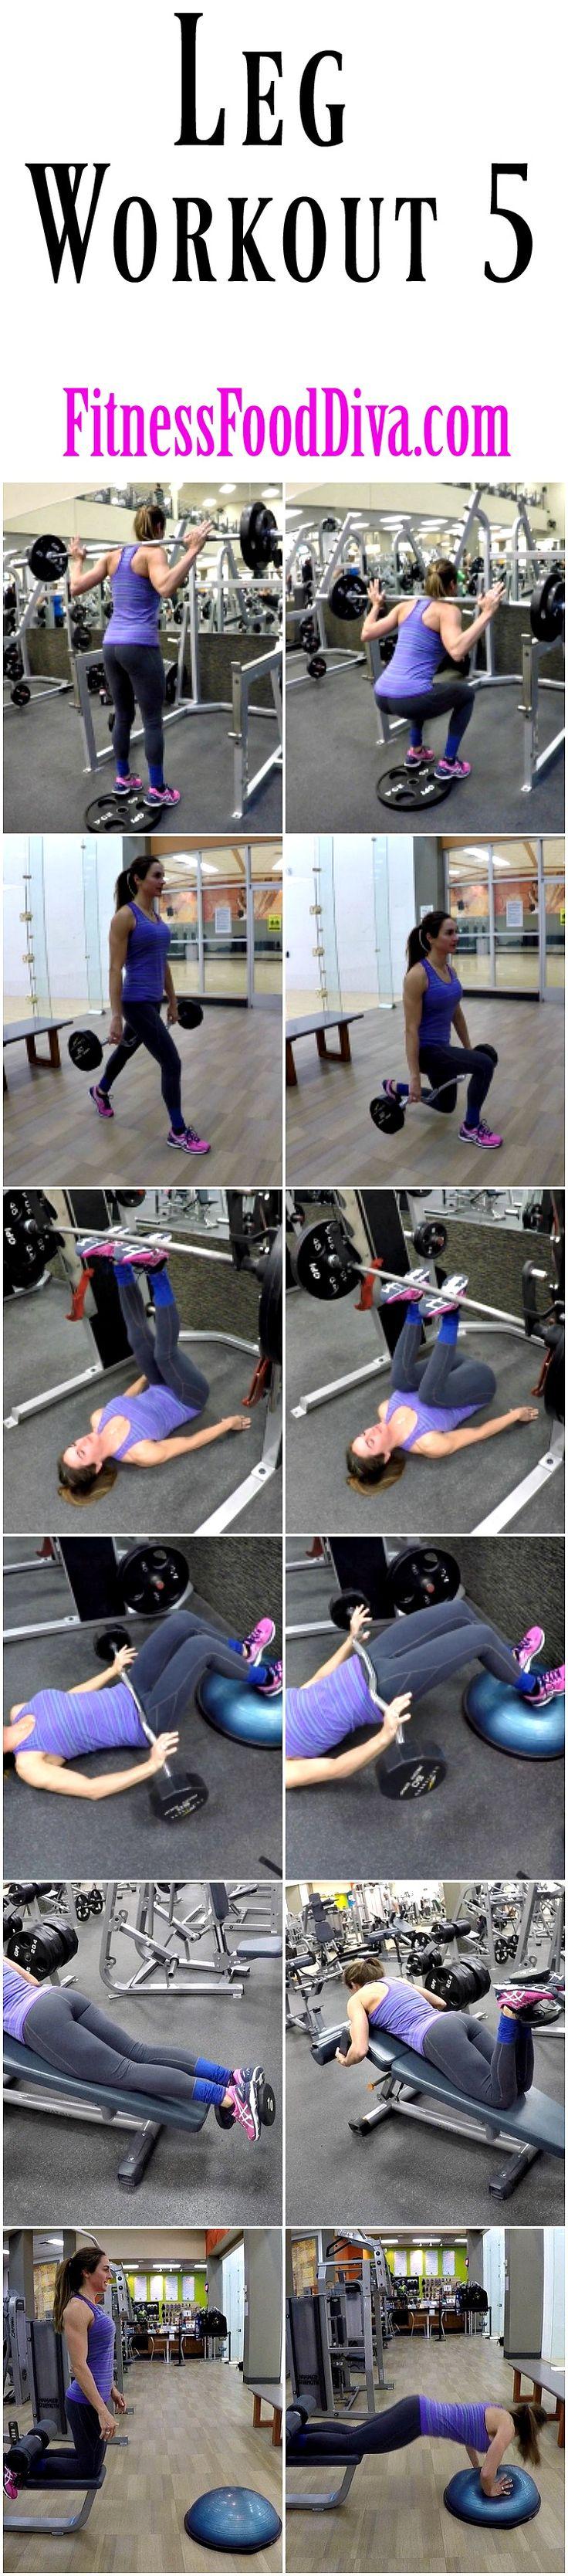 Leg Workout 5